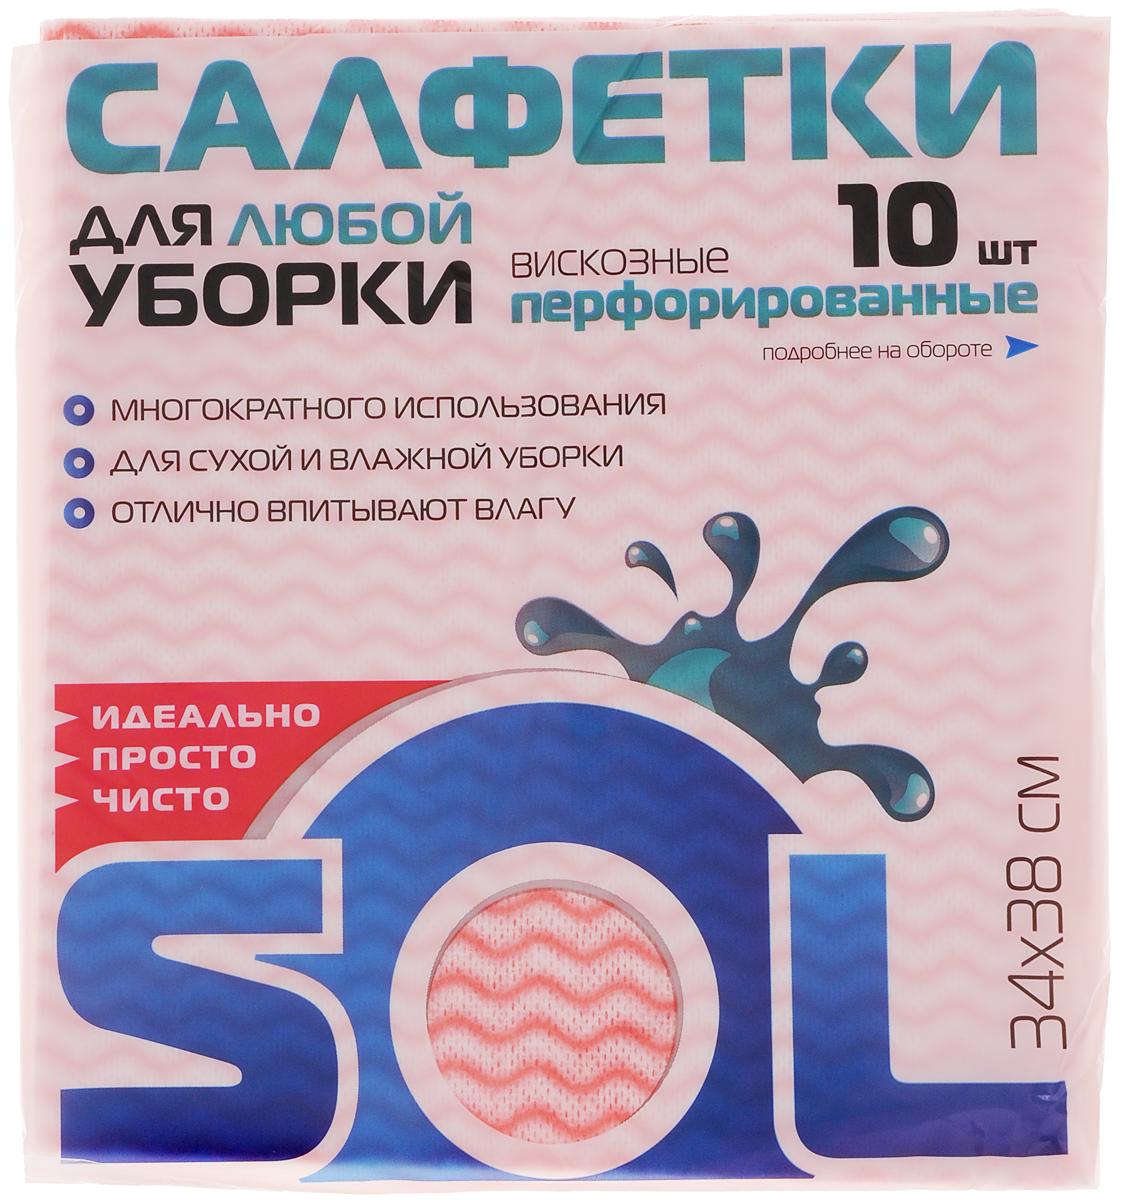 Салфетка для уборки Sol из вискозы, перфорированная, цвет: белый, розовый, 34 x 38 см, 10 шт10503Перфорированные салфетки для уборки Sol, выполненные из вискозы, предназначены для уборки и могут применяться с различными моющими средствами. Эффективно впитывают жидкость. Мягкие и прочные, легко отжимаются и быстро сохнут.Рекомендации по уходу: Для обеспечения гигиеничности уборки после применения прополоскать в теплой воде.Для продления срока службы не применять машинную стирку, не гладить и не кипятить.